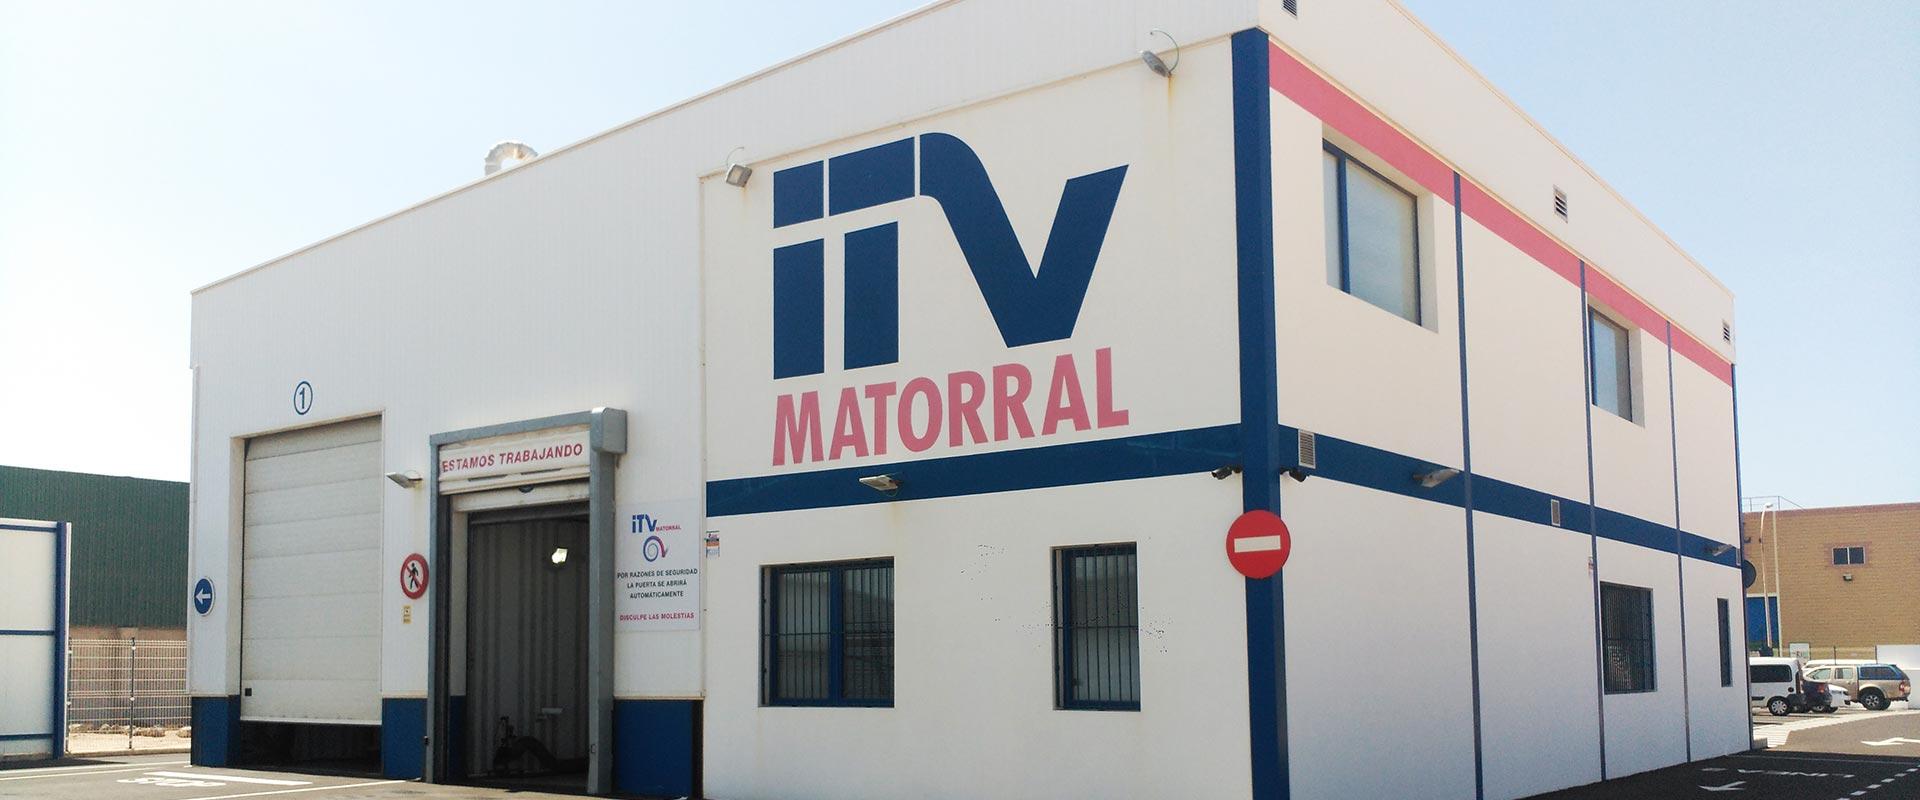 ITV MATORRAL EN FUERTEVENTURA